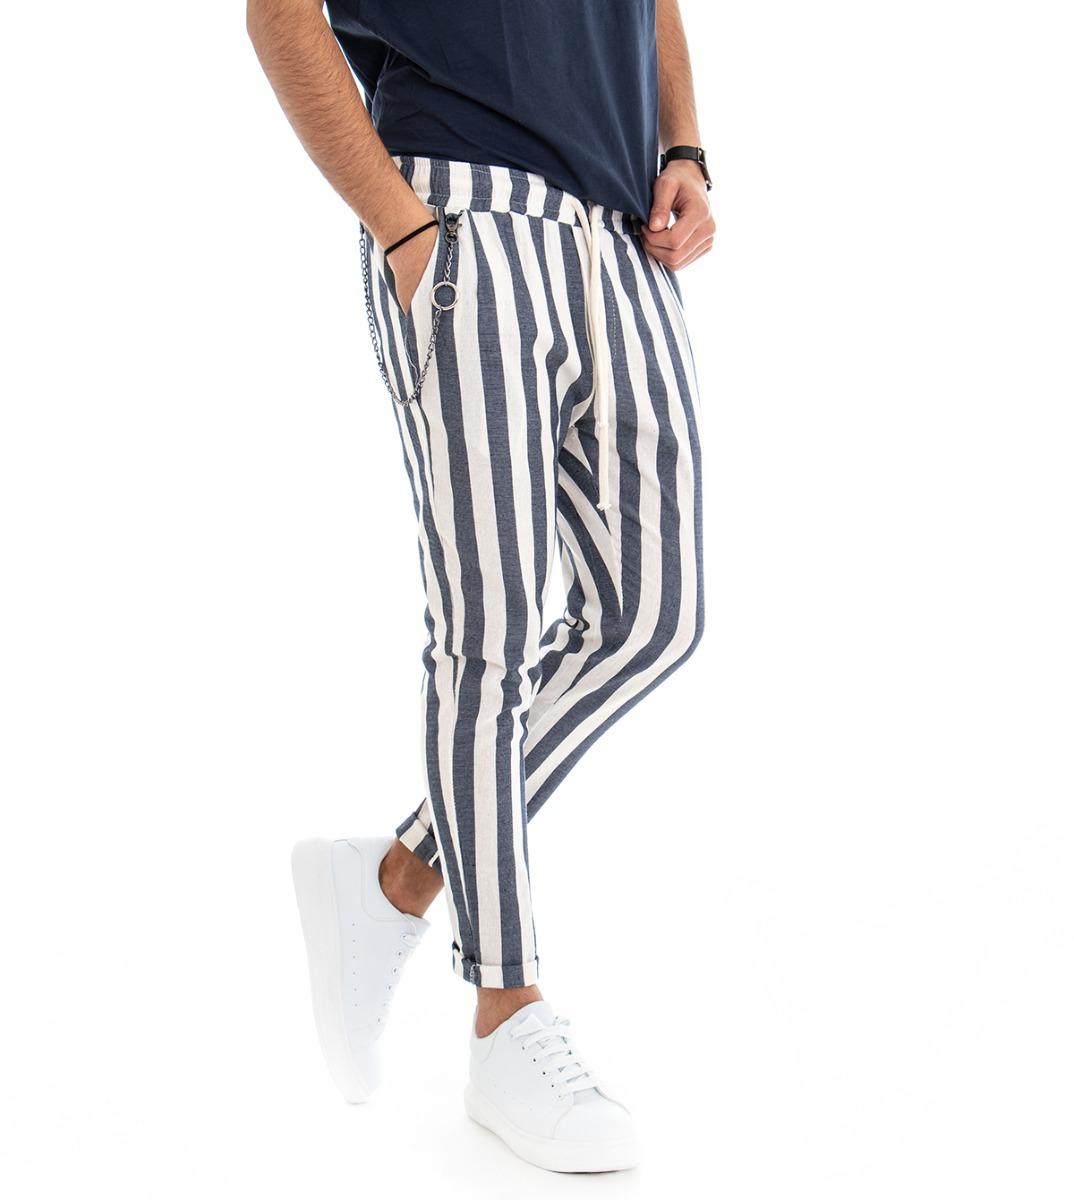 Ospitale Pantalone Uomo Blu Fantasia A Righe Elastico Rigato Tasca America Giosal